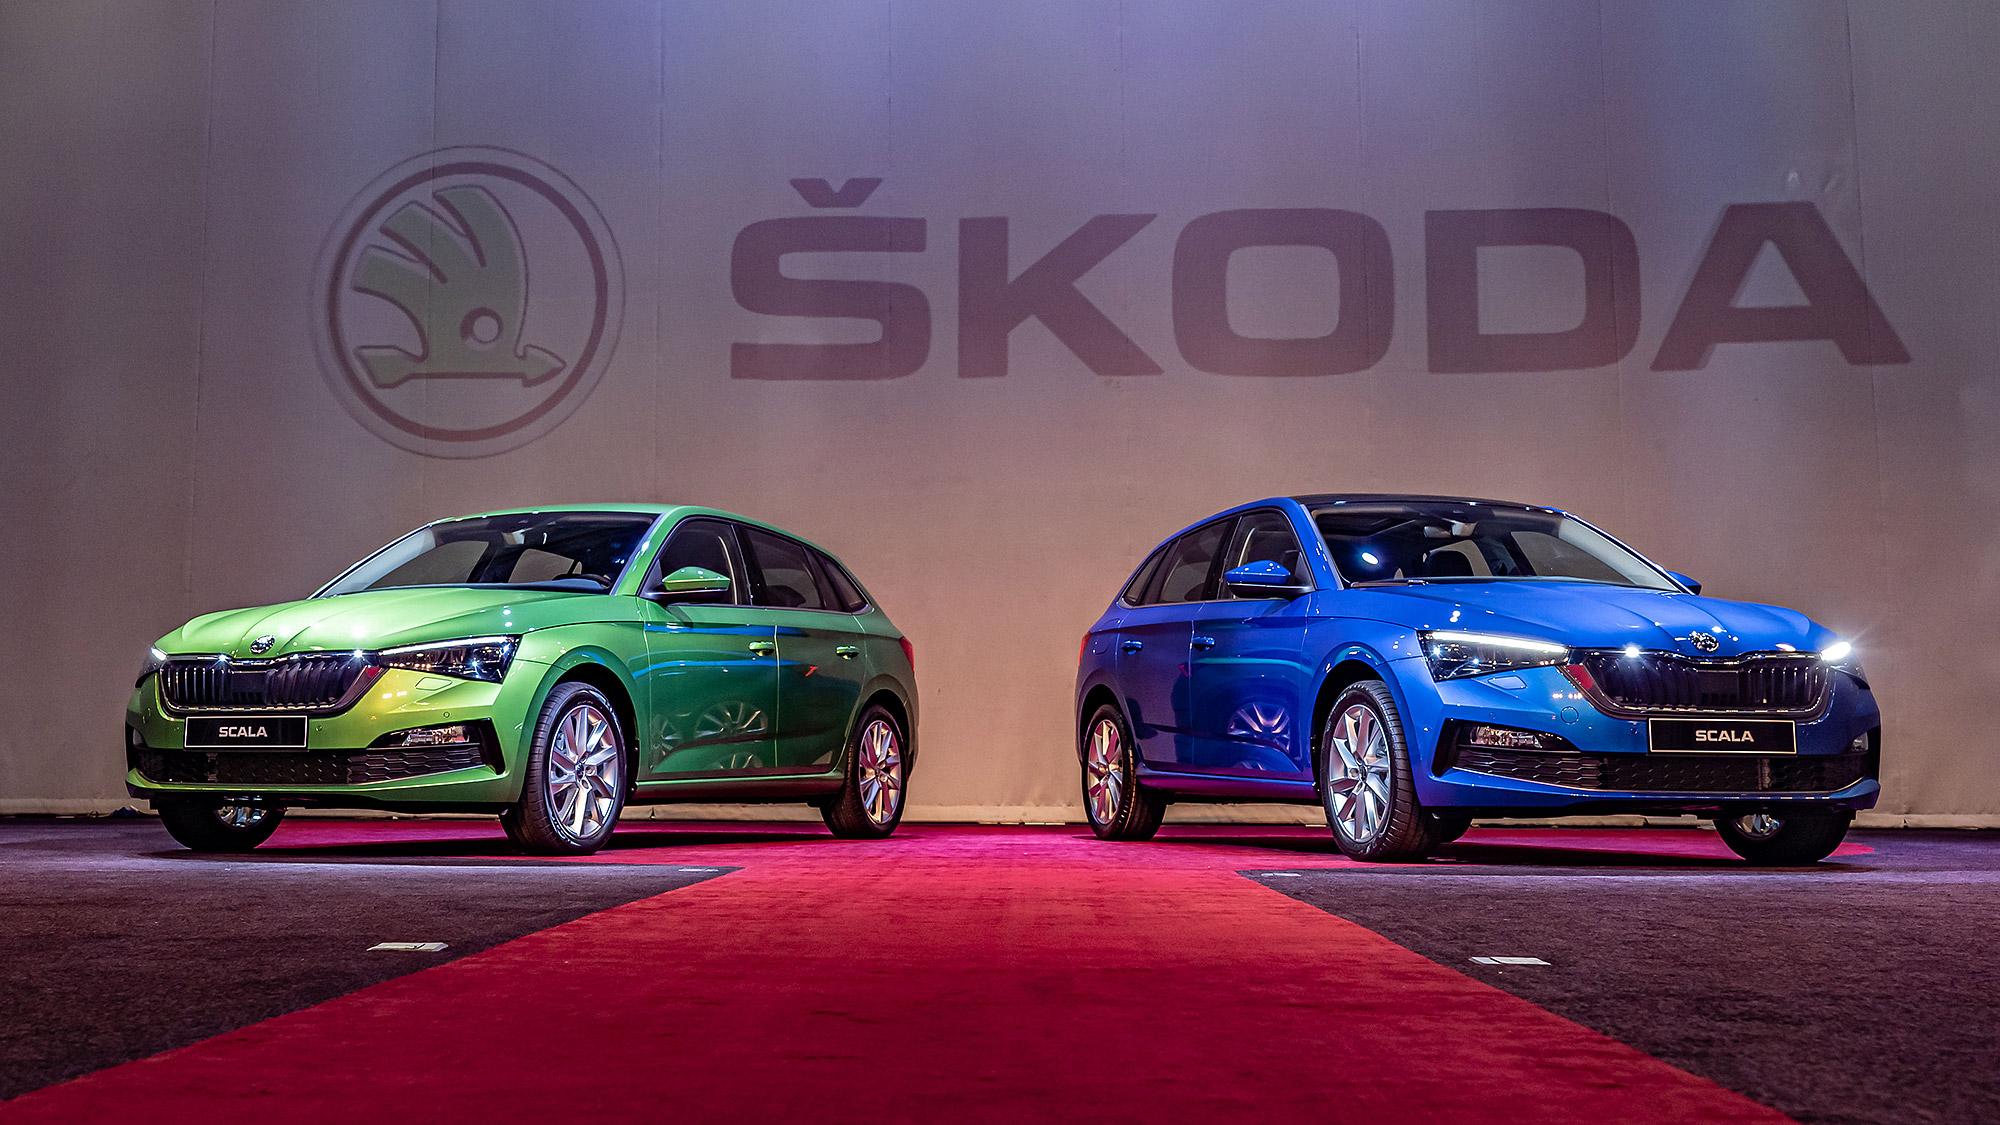 Škoda Scala 全面標配 9 氣囊與 ACC ,優惠價 83.9 萬元起首搭繁中介面上市